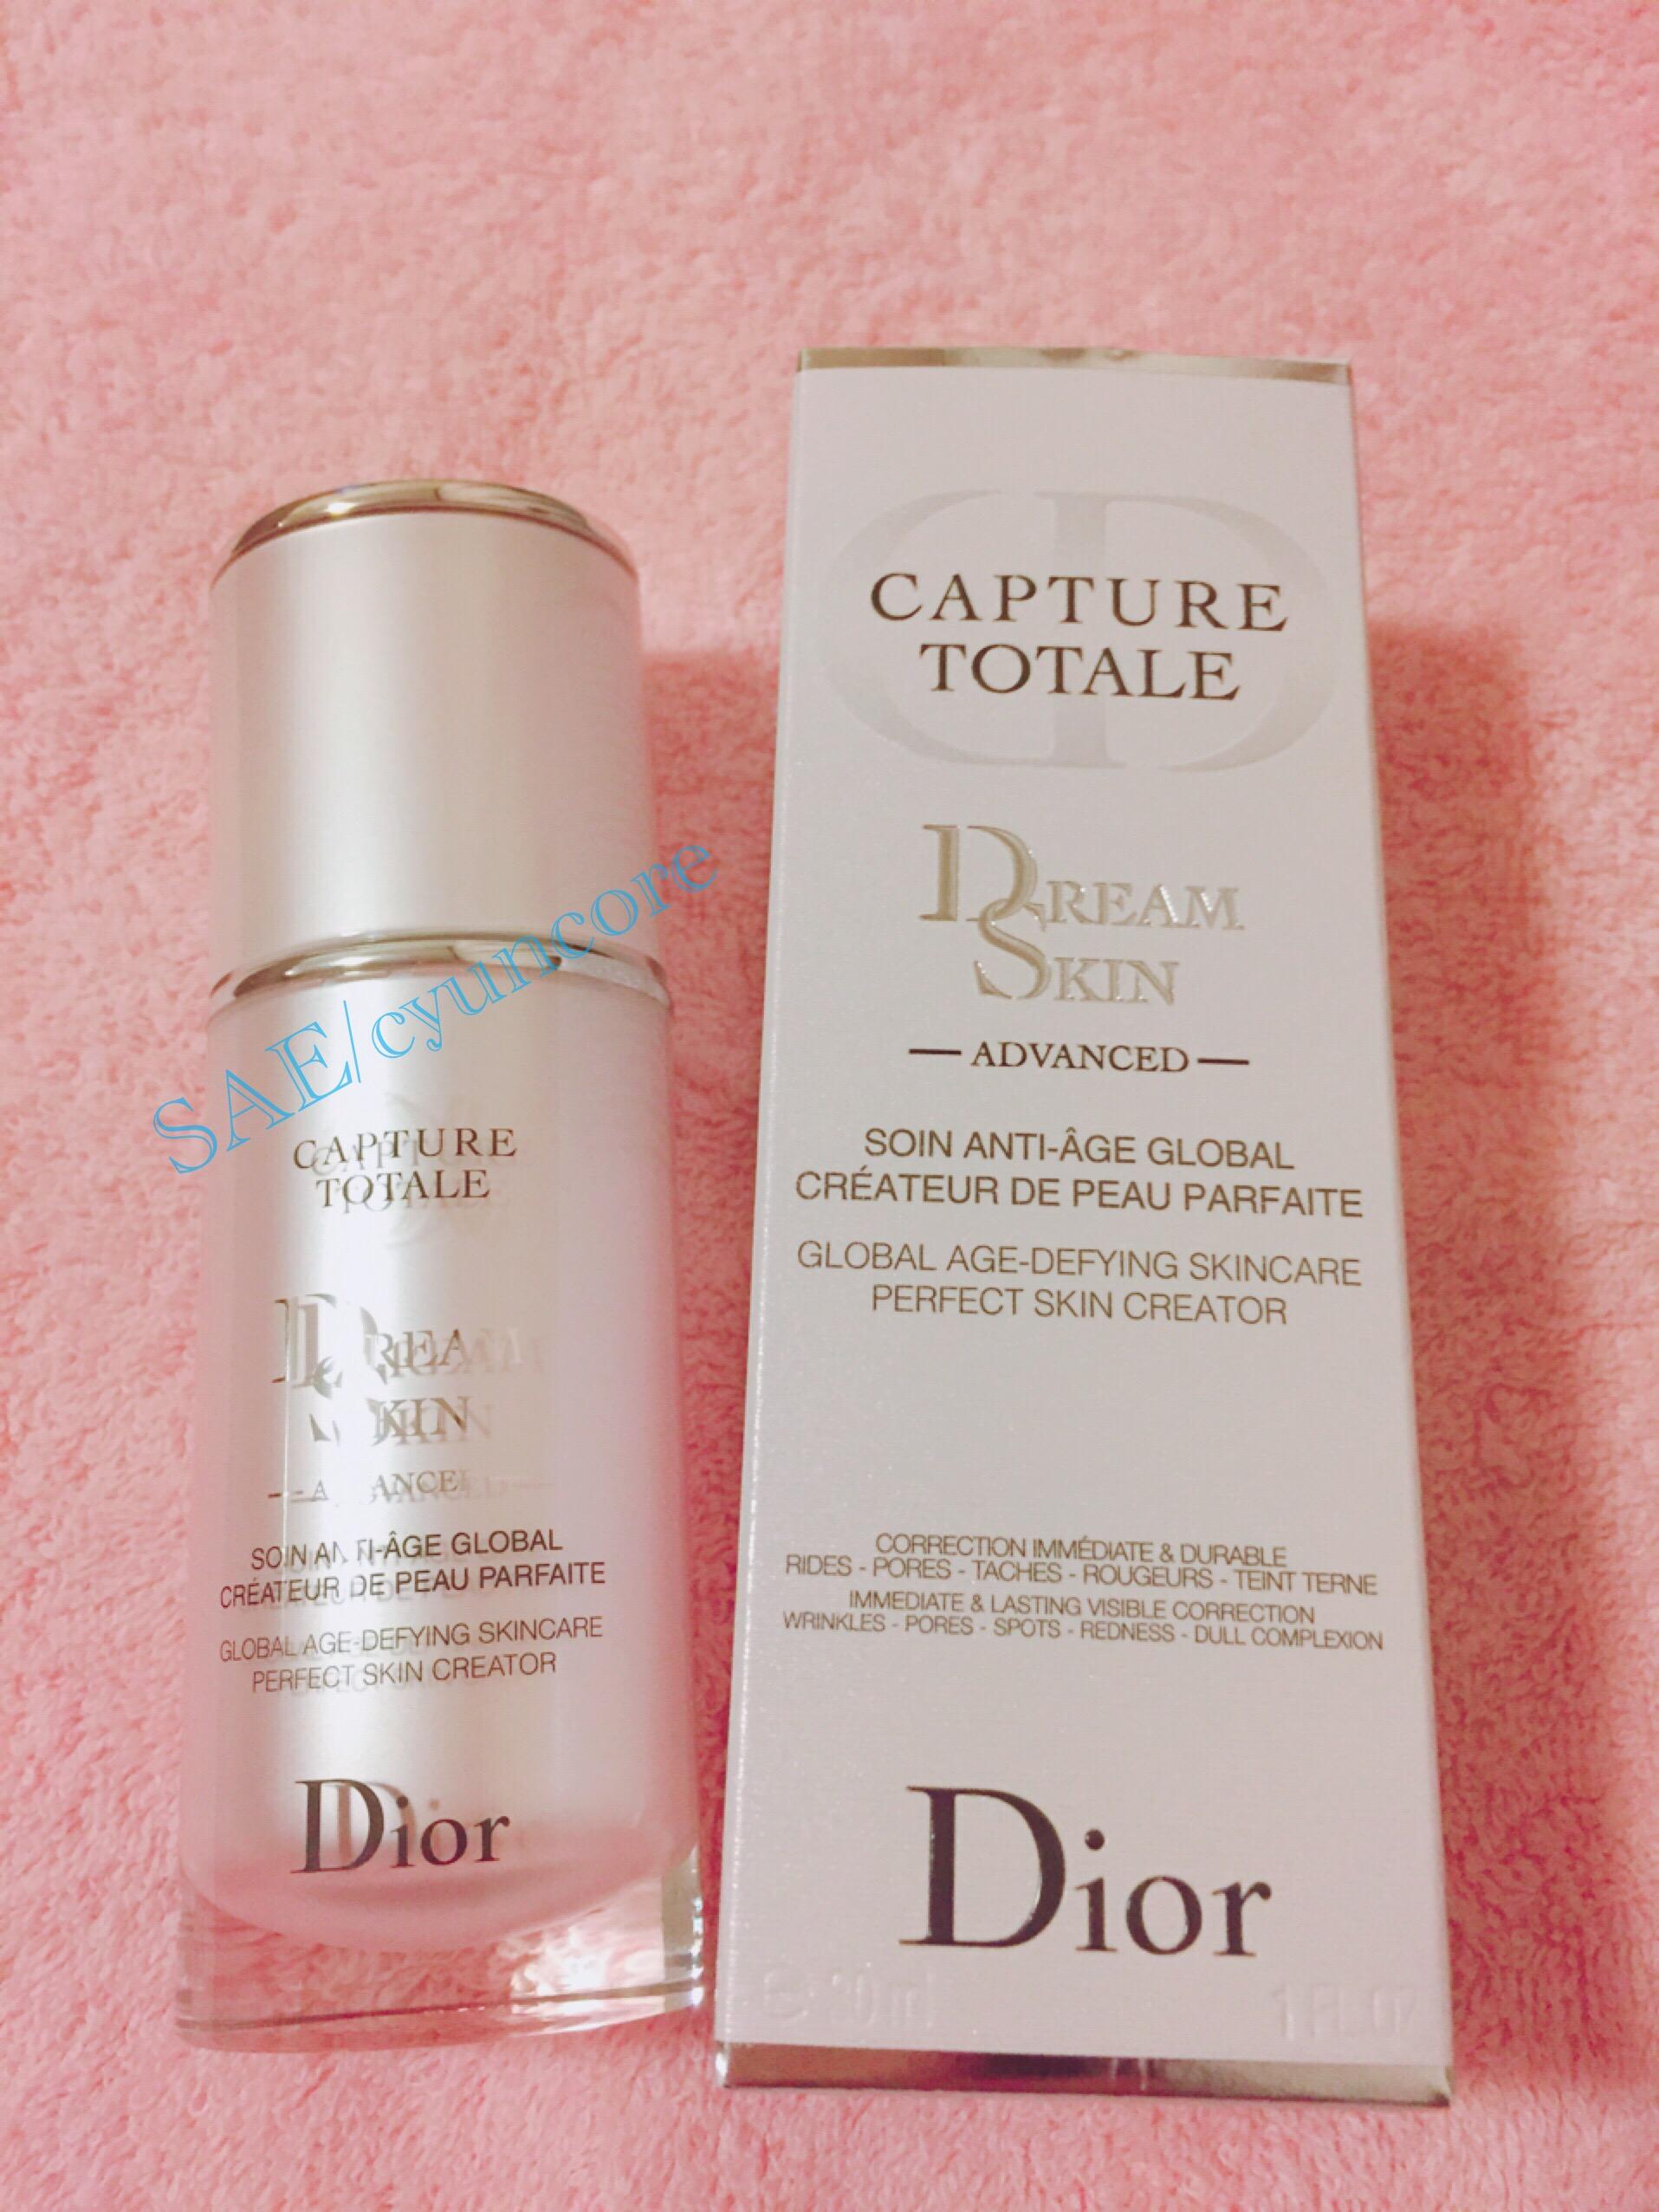 偽装じゃない!正真正銘『すっぴん美肌』を叶える『Dior カプチュール トータル ドリームスキン アドバンスト』